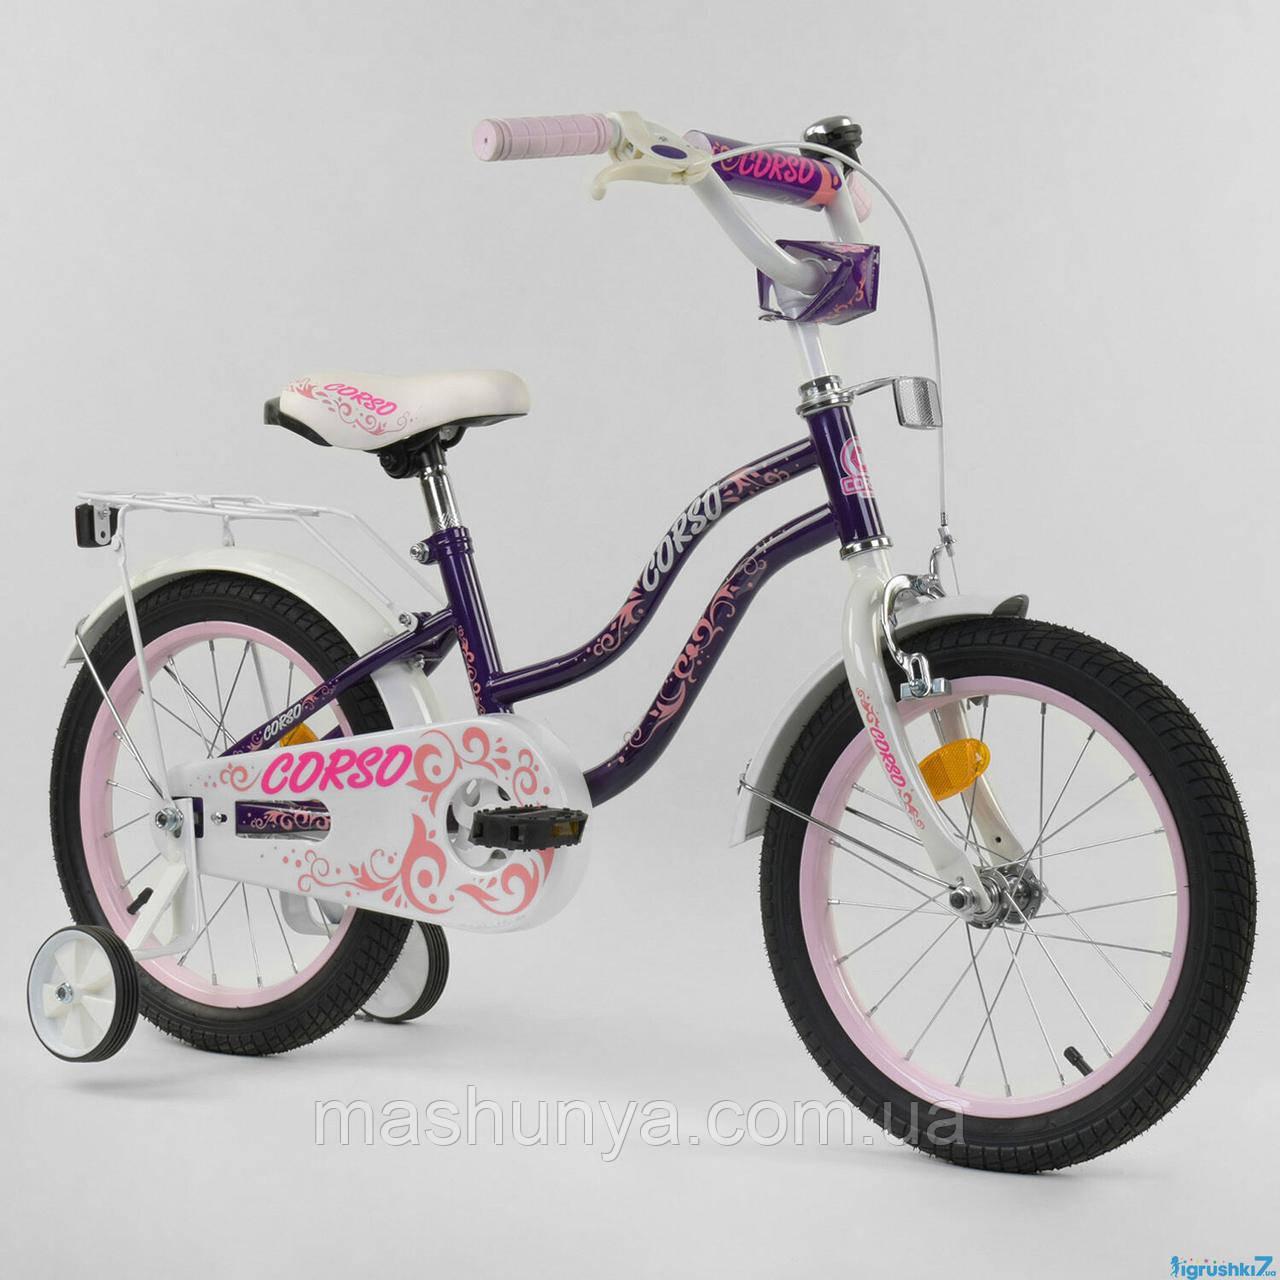 Велосипед двухколесный детский Corso TS-16 дюймов (4-6 лет)